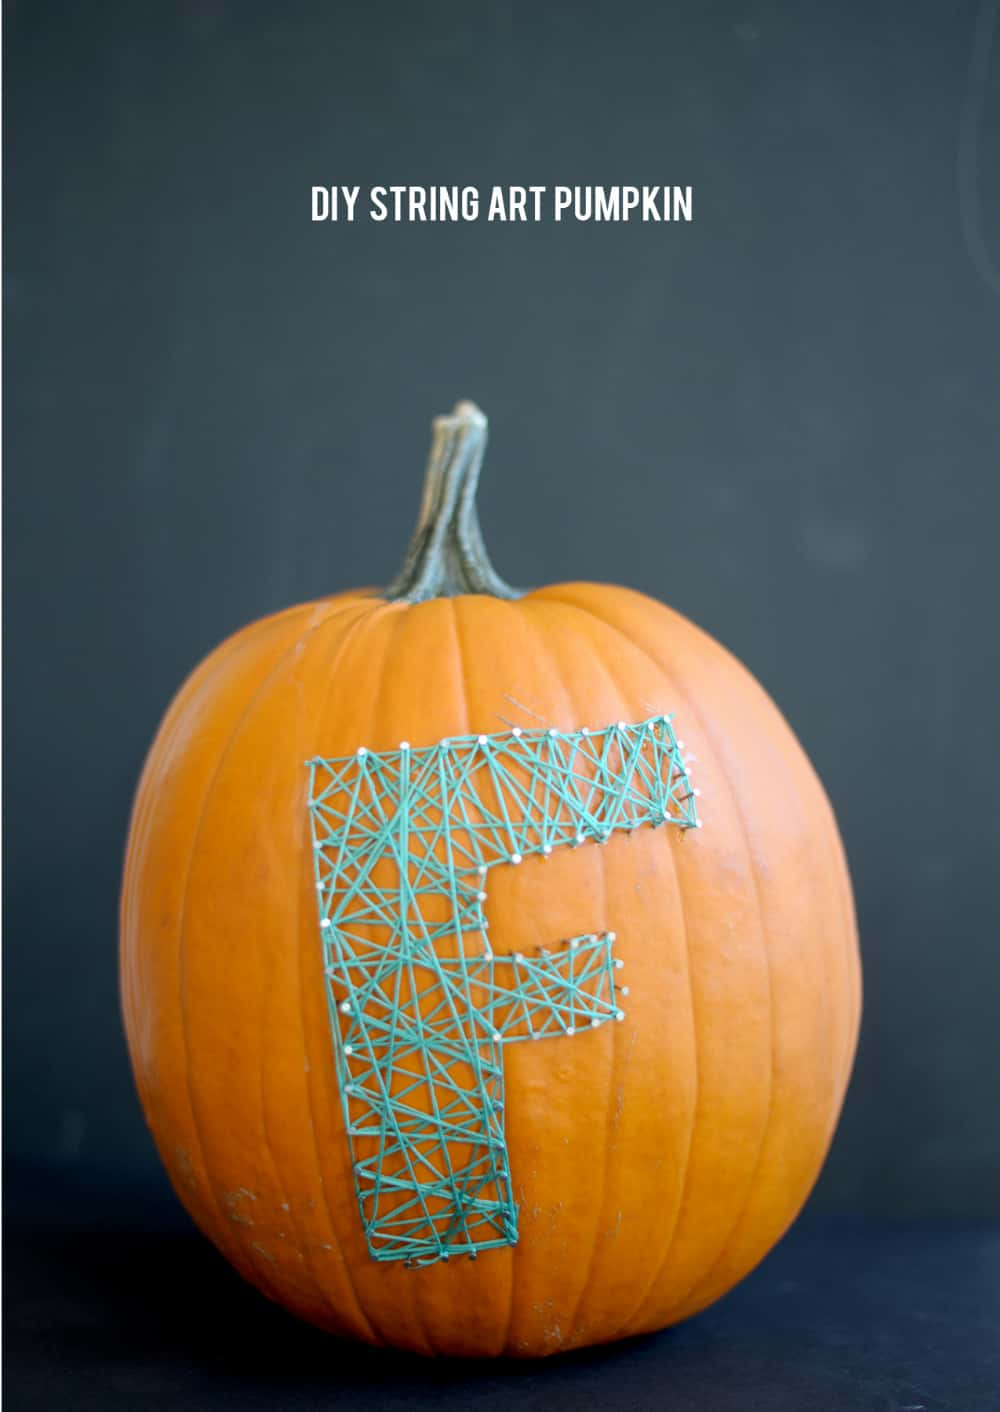 Pumpkin string art